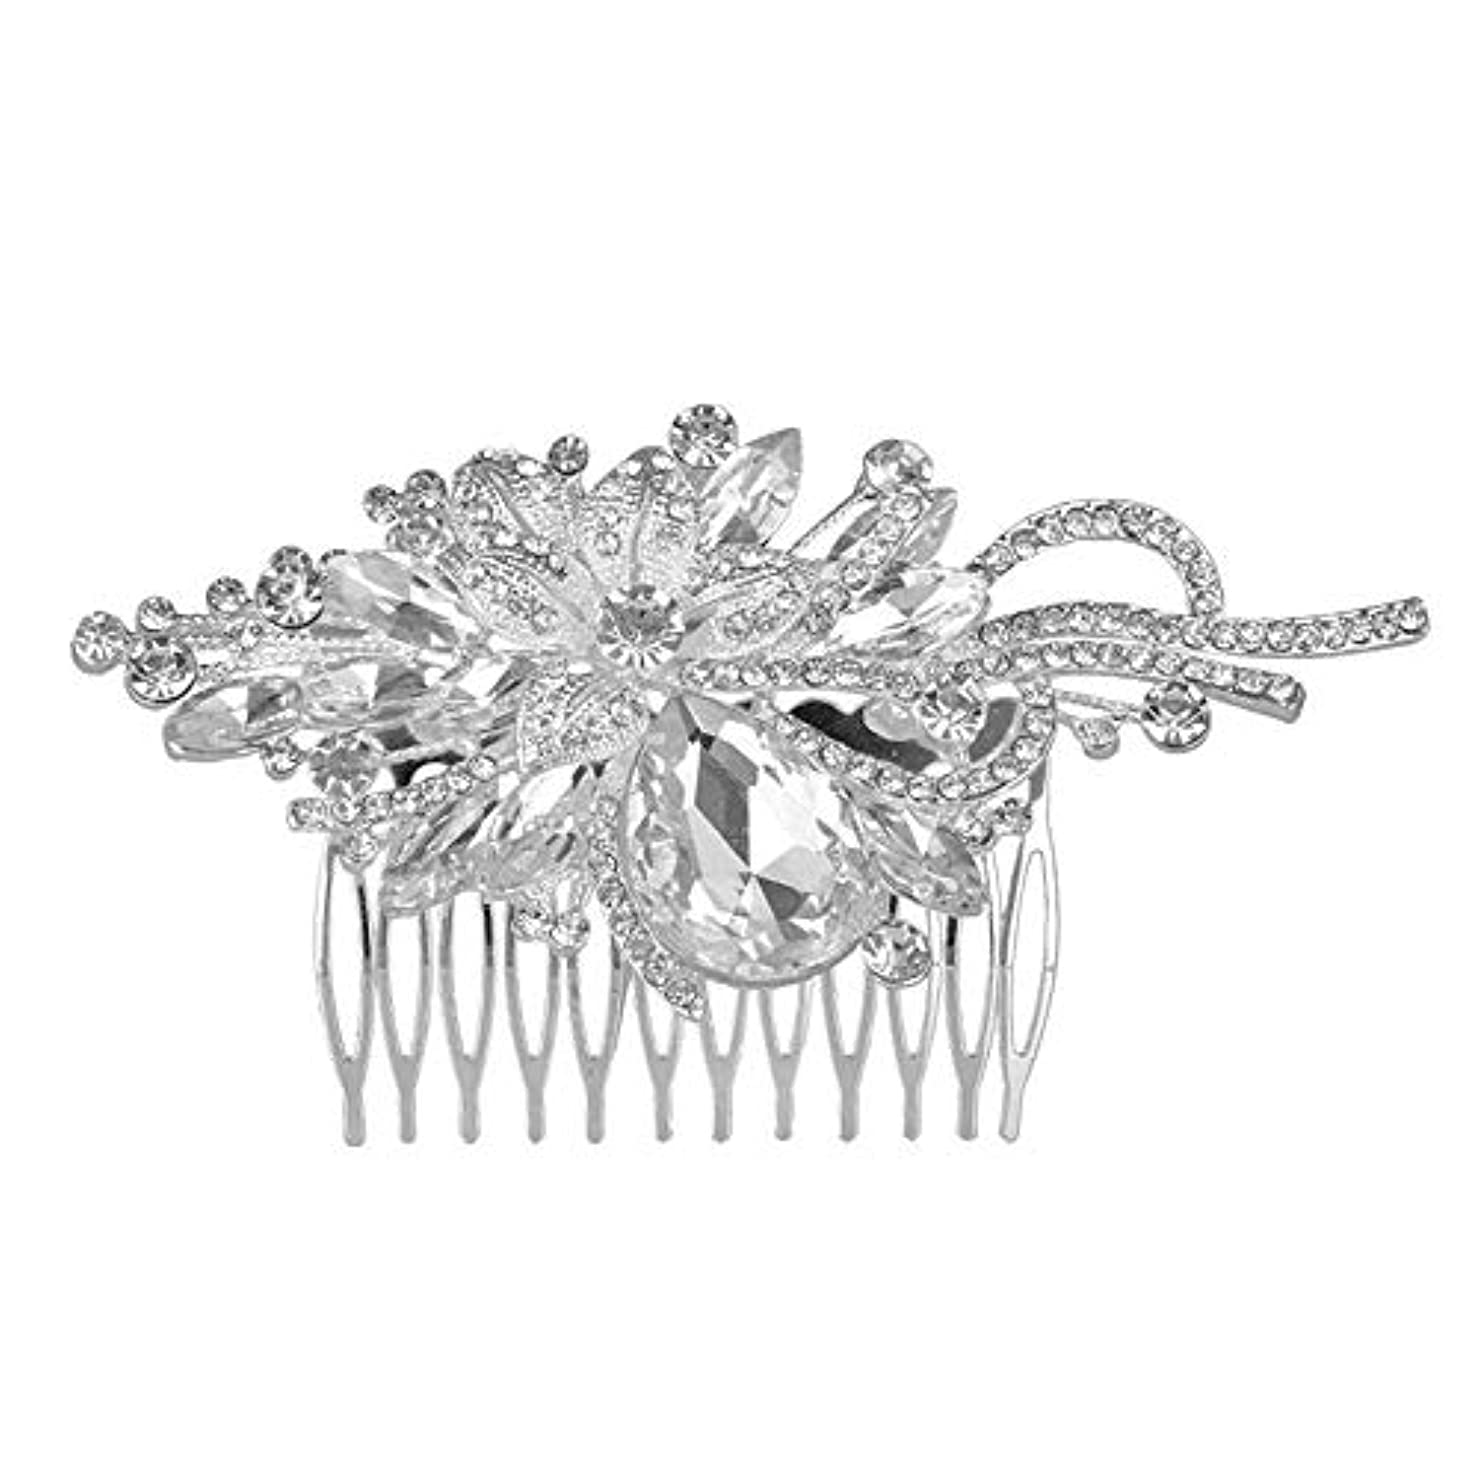 抽選関与するそう髪の櫛挿入櫛花嫁の髪櫛クラウン髪の櫛結婚式のアクセサリー葉の髪の櫛ラインストーンの髪の櫛ブライダルヘッドドレス